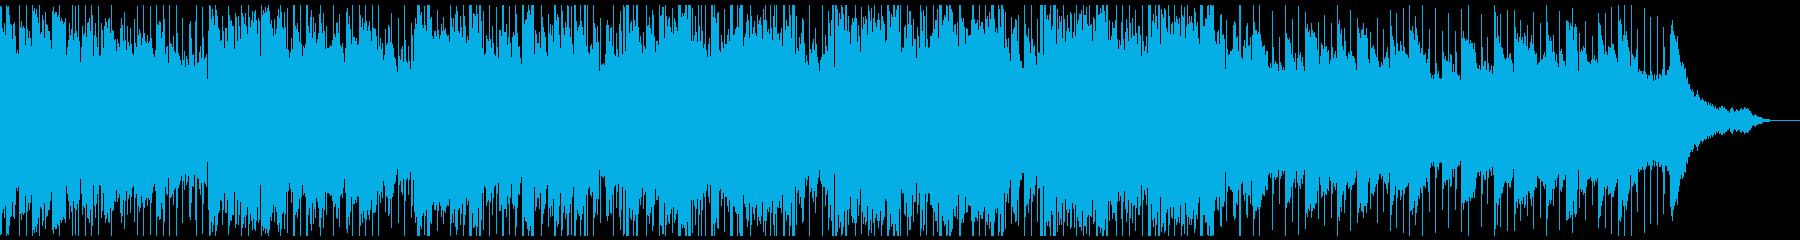 テクノロジーコーポレーション(中)の再生済みの波形